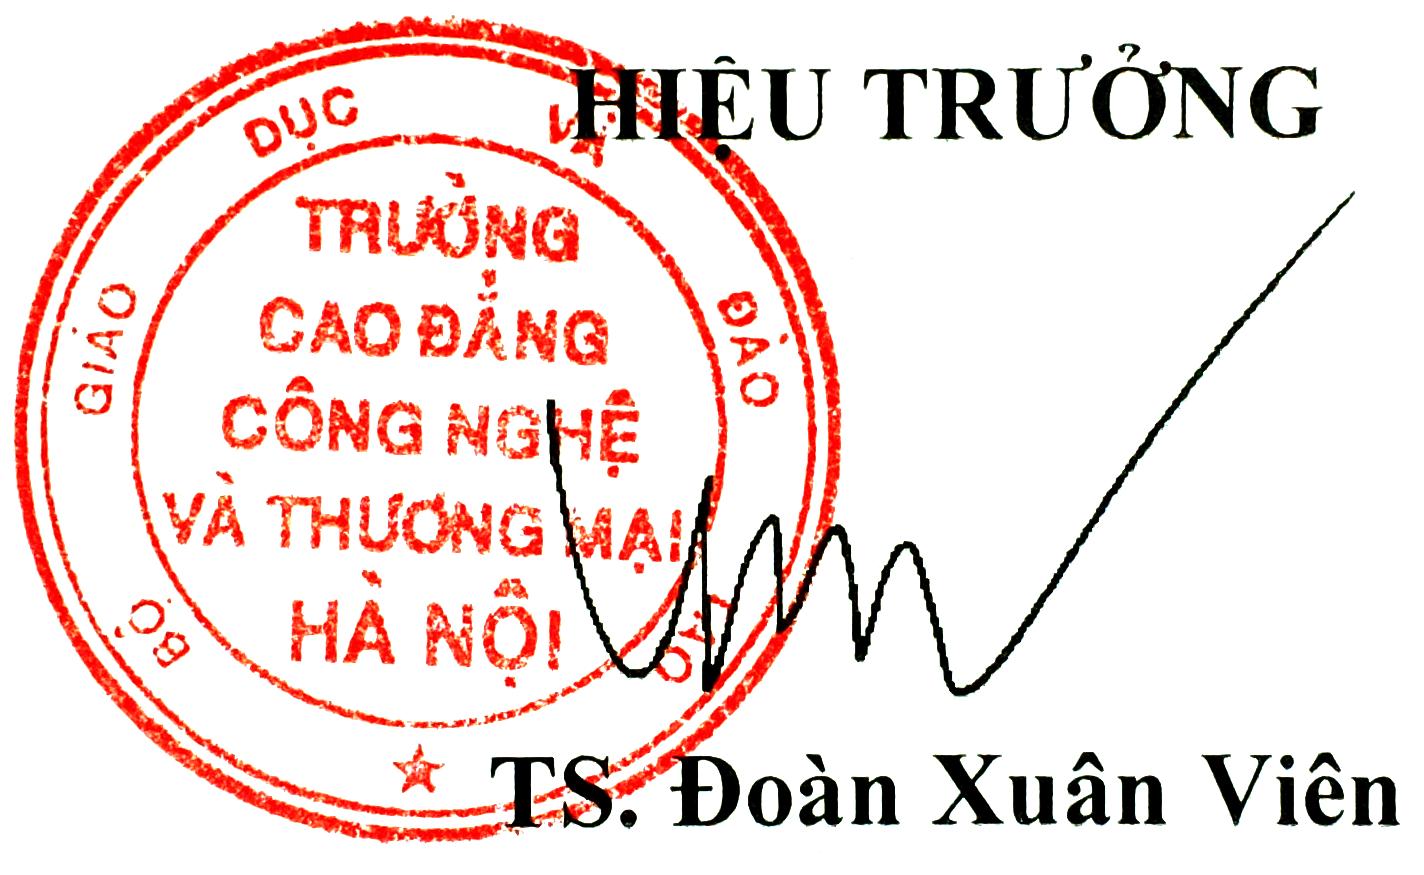 Dau Hieu Truong